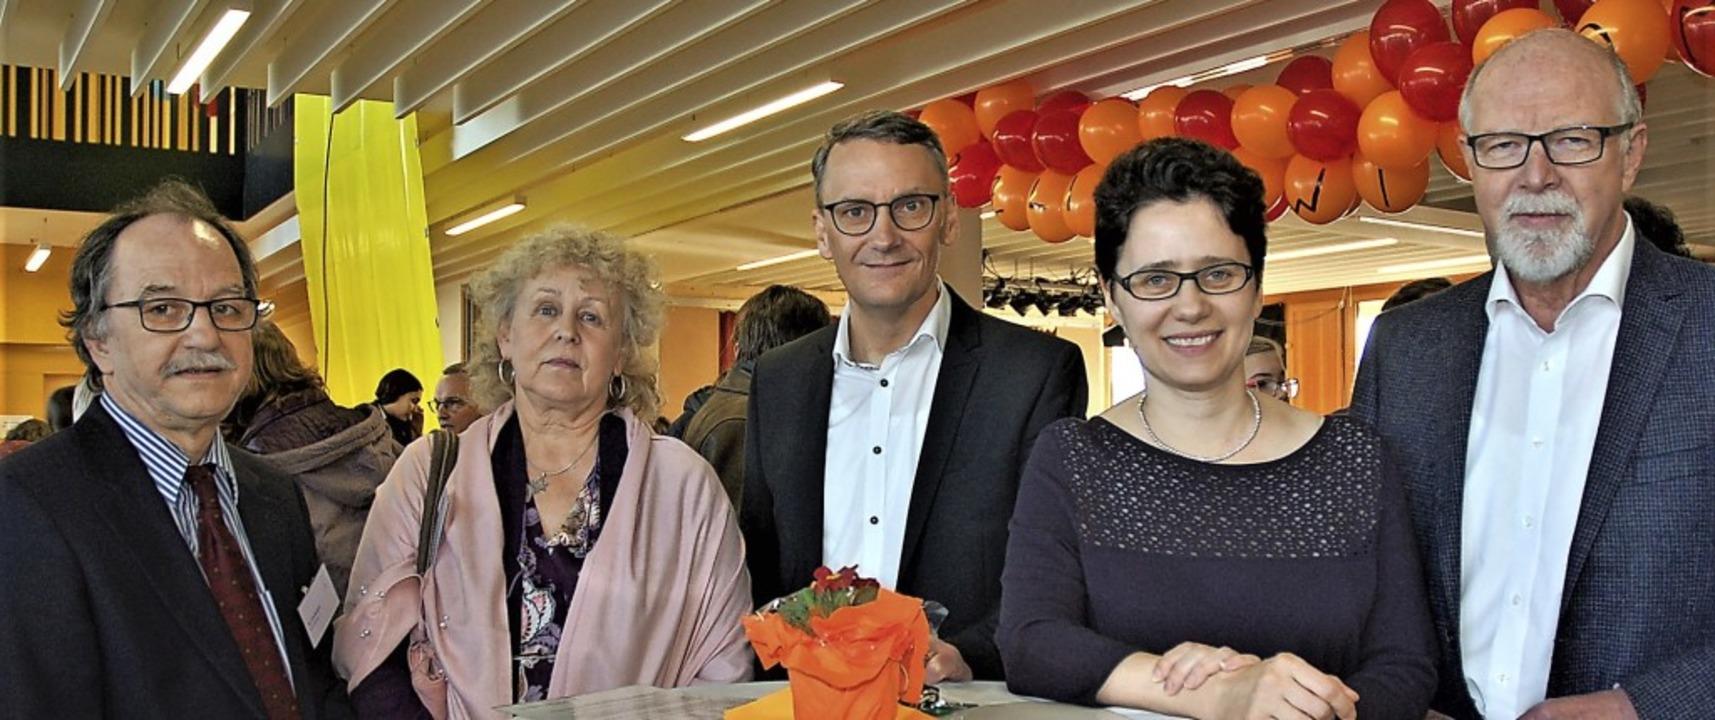 Die Teilnehmer der Podiumsdiskussion d...rt, Marion Gentges und Bertold Meier.     Foto: Wolfgang Beck